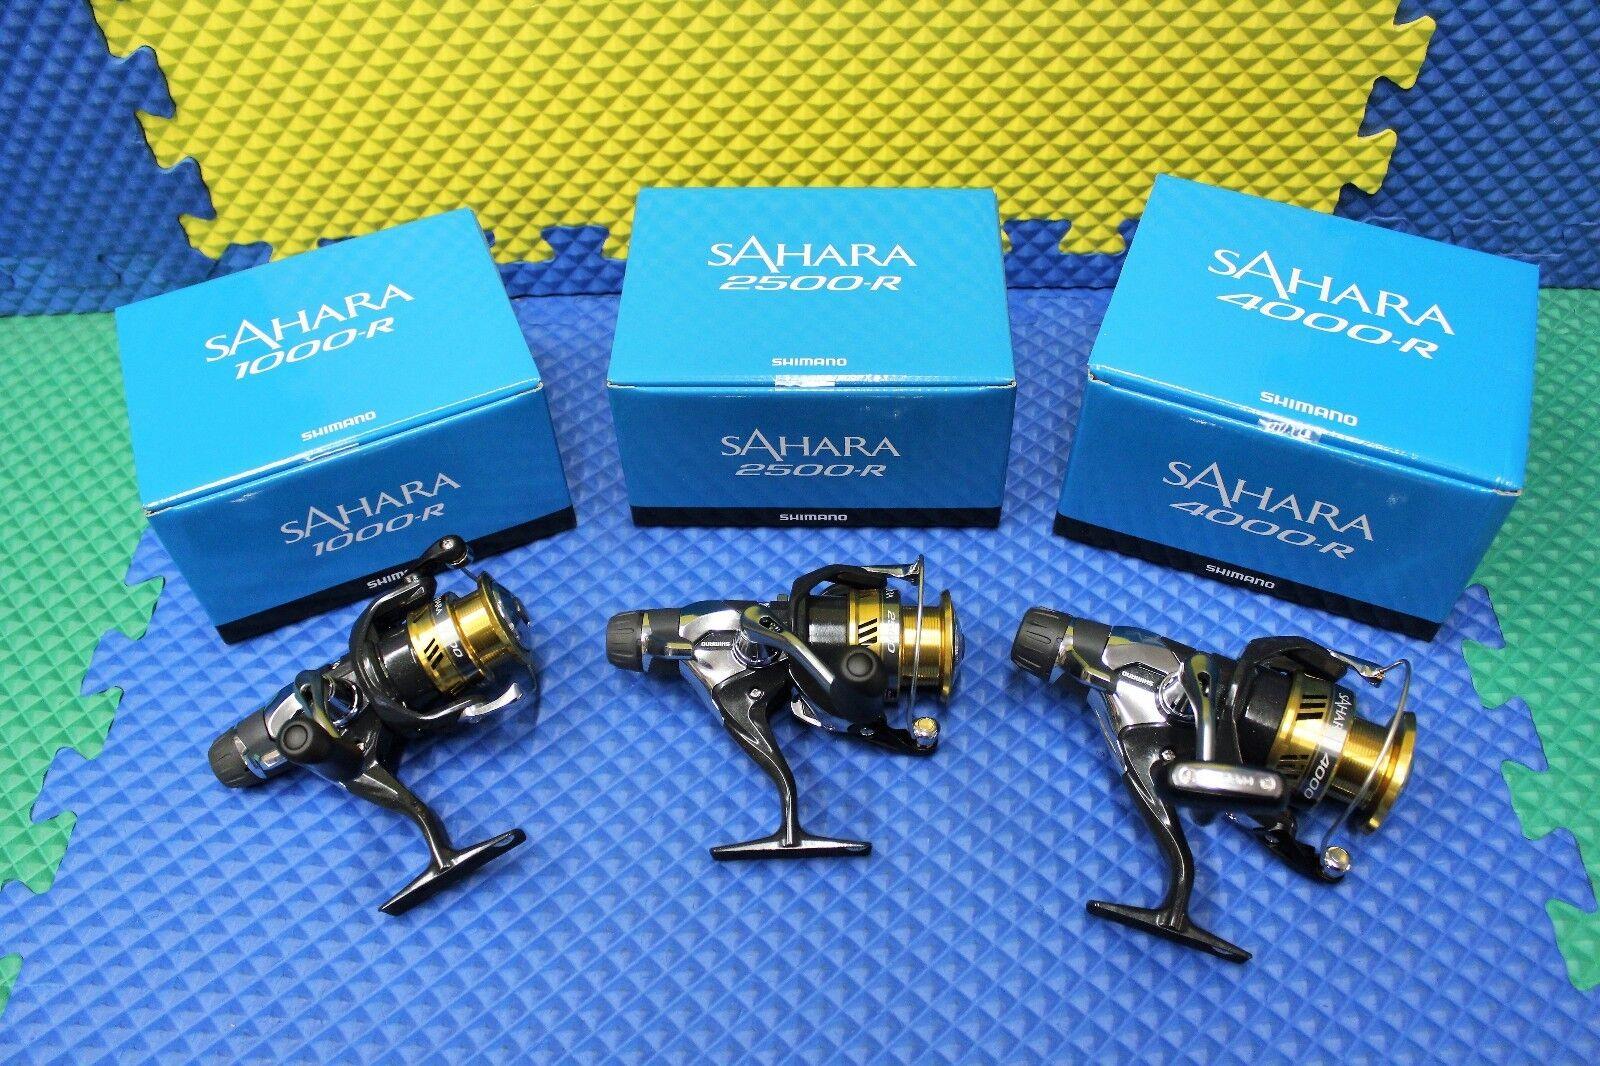 Shimano Sahara blu Box R Rear Drag Spinning Reel Freshwater CHOOSE YOUR MODEL